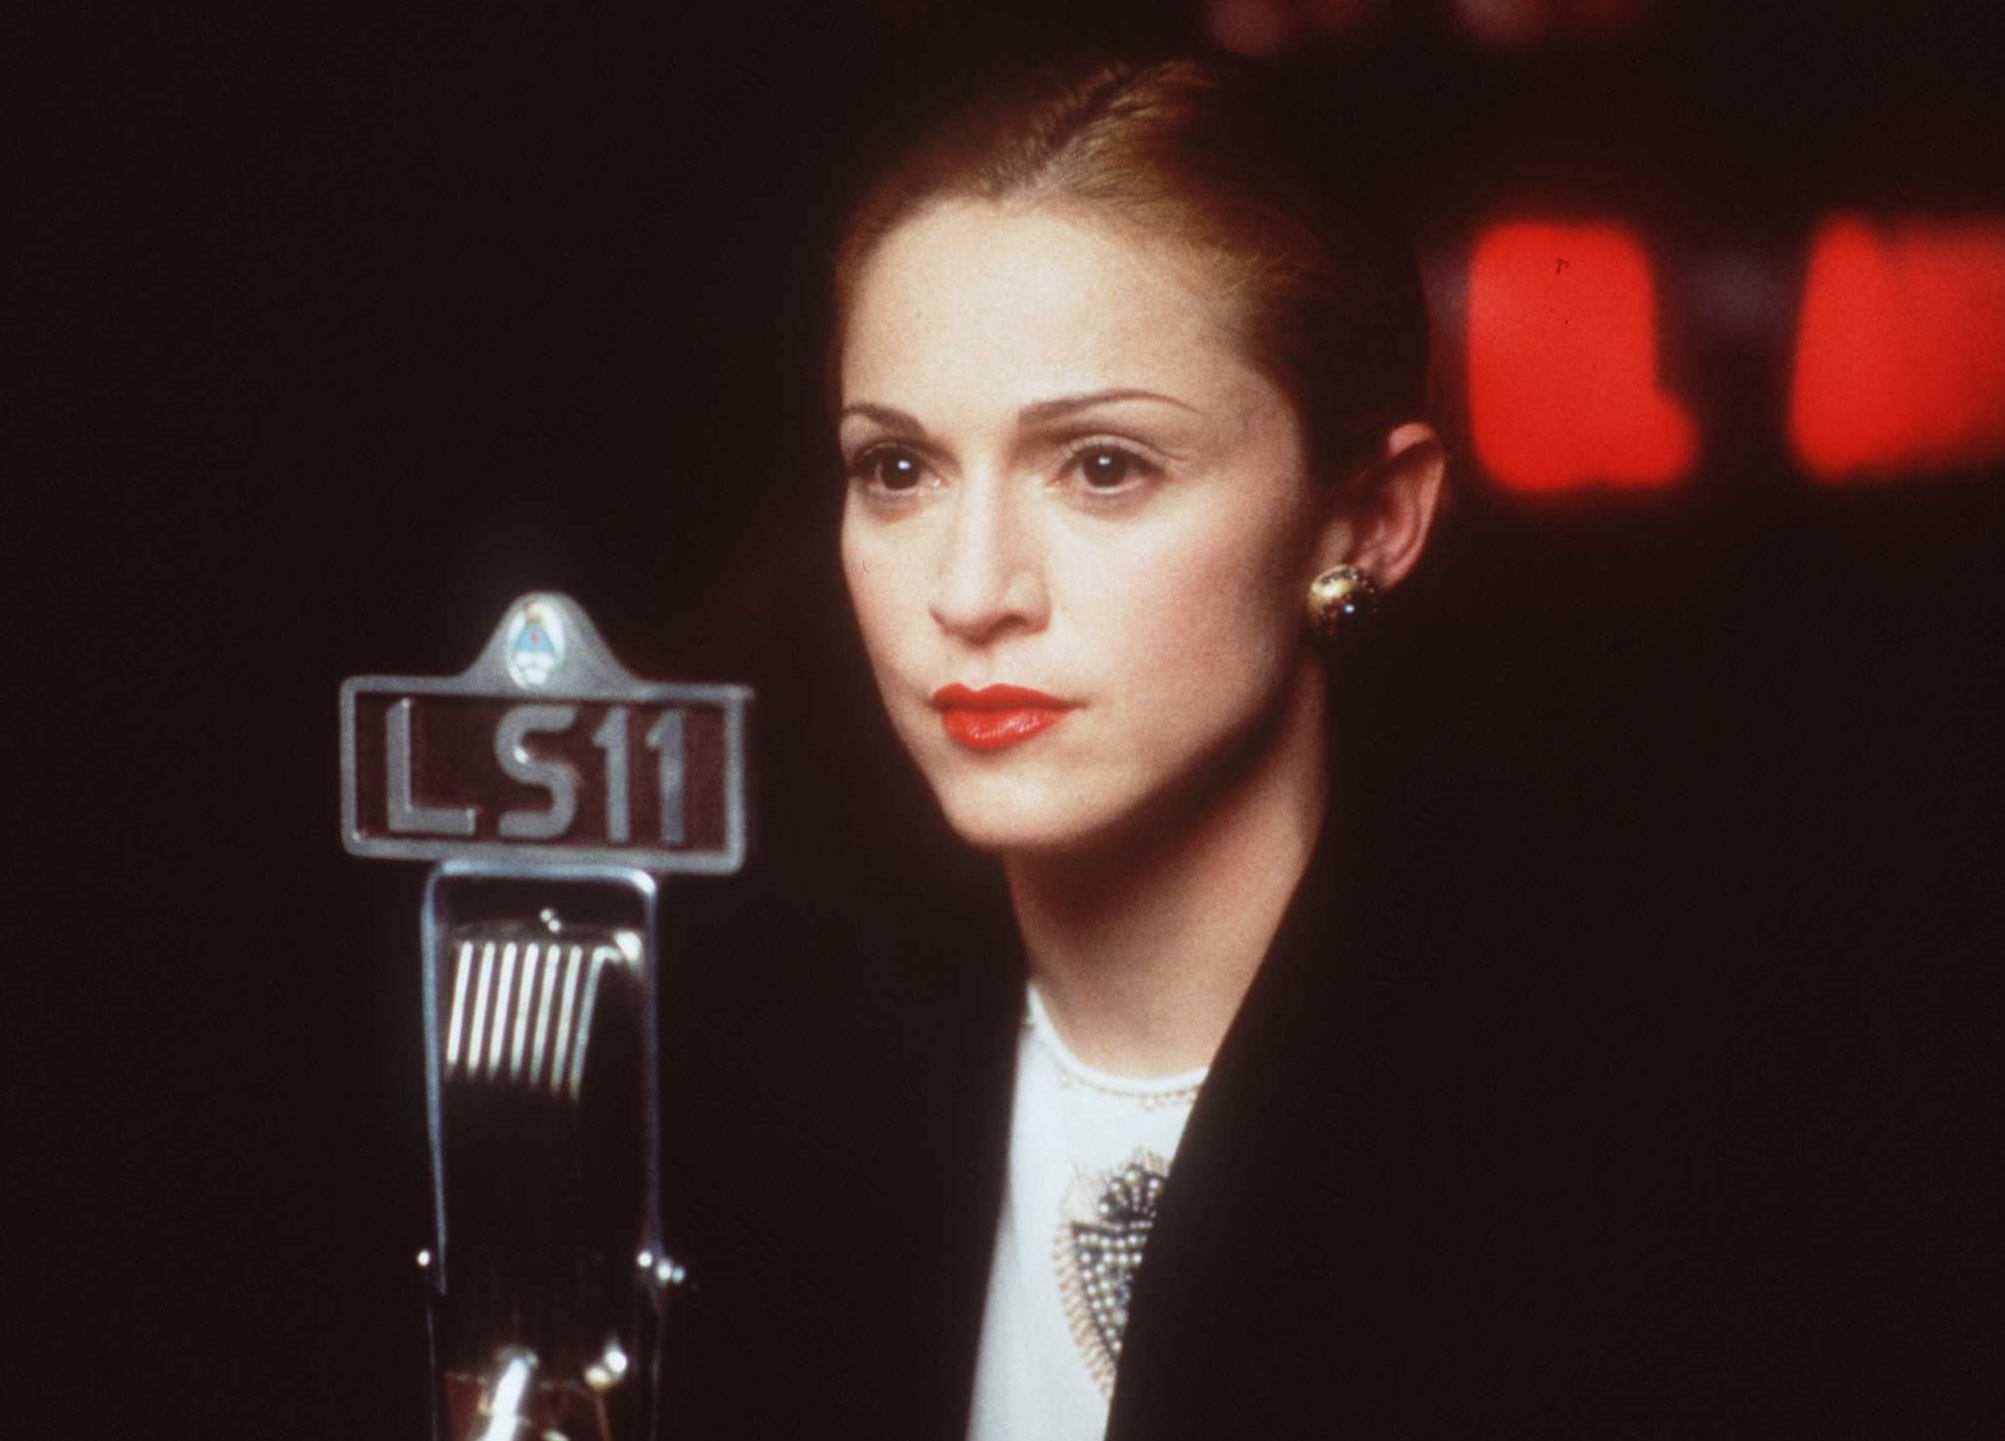 """Мадона възропта срещу биографичния филм за нея, който ще покаже живота й преди да стане известна, предаде Асошиейтед прес. Изданието """"Холивуд рипортър"""" съобщи, че компанията """"Юнивърсъл"""" е придобила правата за филма """"Blond Ambition"""", посветен на певицата. Продуцент на филма ще бъде Брет Ратнър. Сюжетът ще се съсредоточи върху трудностите, с които се сблъсква певицата, докато записва първия си албум в Ню Йорк."""